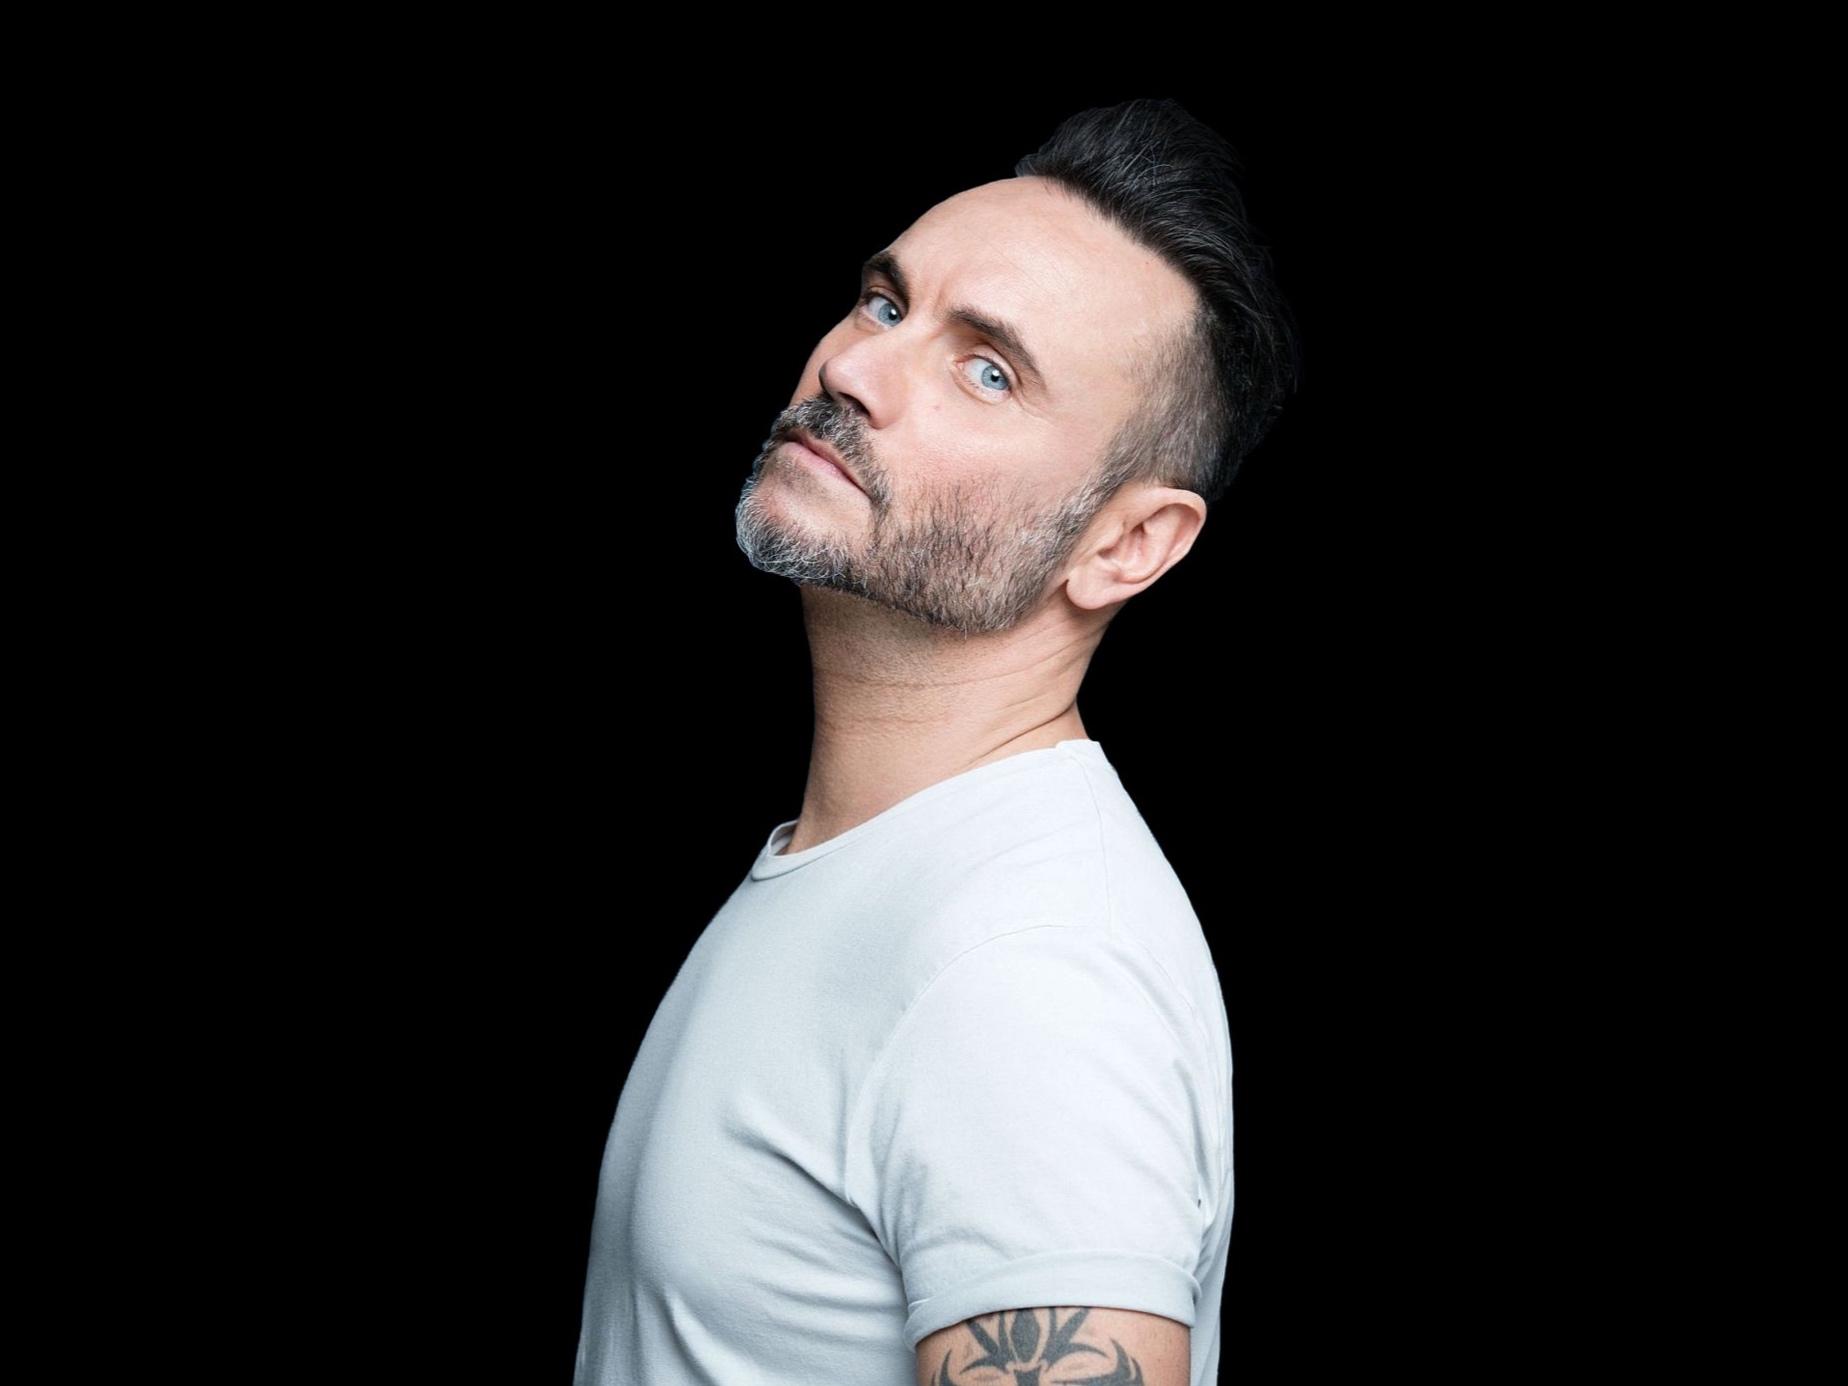 NEK - Special Guest: Vittorio de ScalziNach über 25 Jahren auf der Bühne begeistert der italienische Pop-Rock Musiker NEK mit seinem aktuellen Album die Fans.